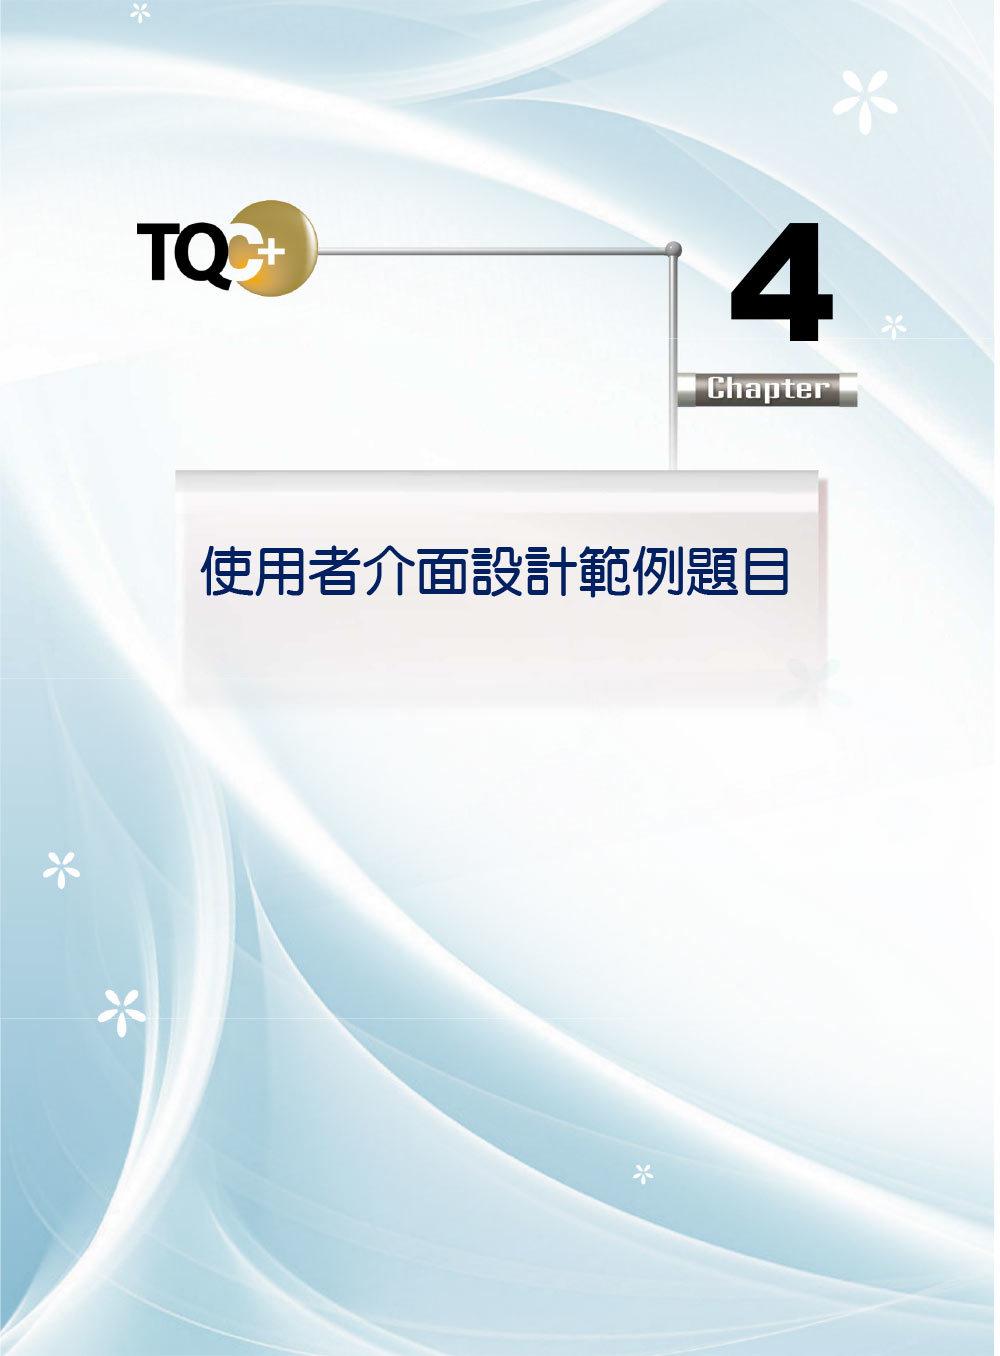 TQC+ 使用者介面設計認證指南 Adobe XD CC-preview-1